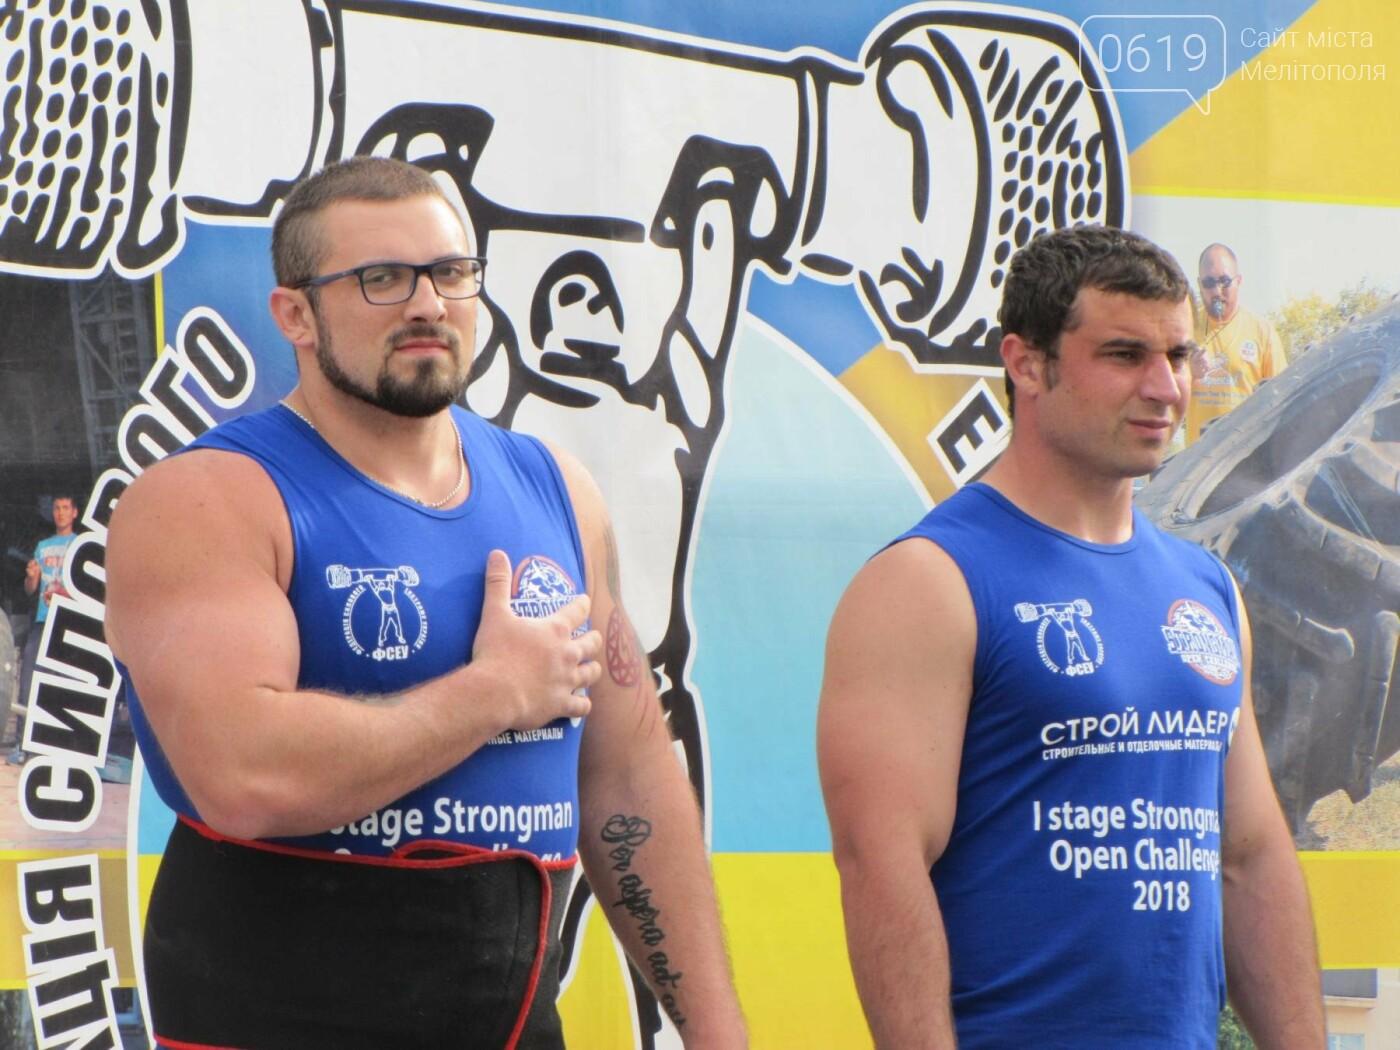 Три победы за неделю: мелитопольский богатырь выиграл второй этап международного чемпионата, фото-2